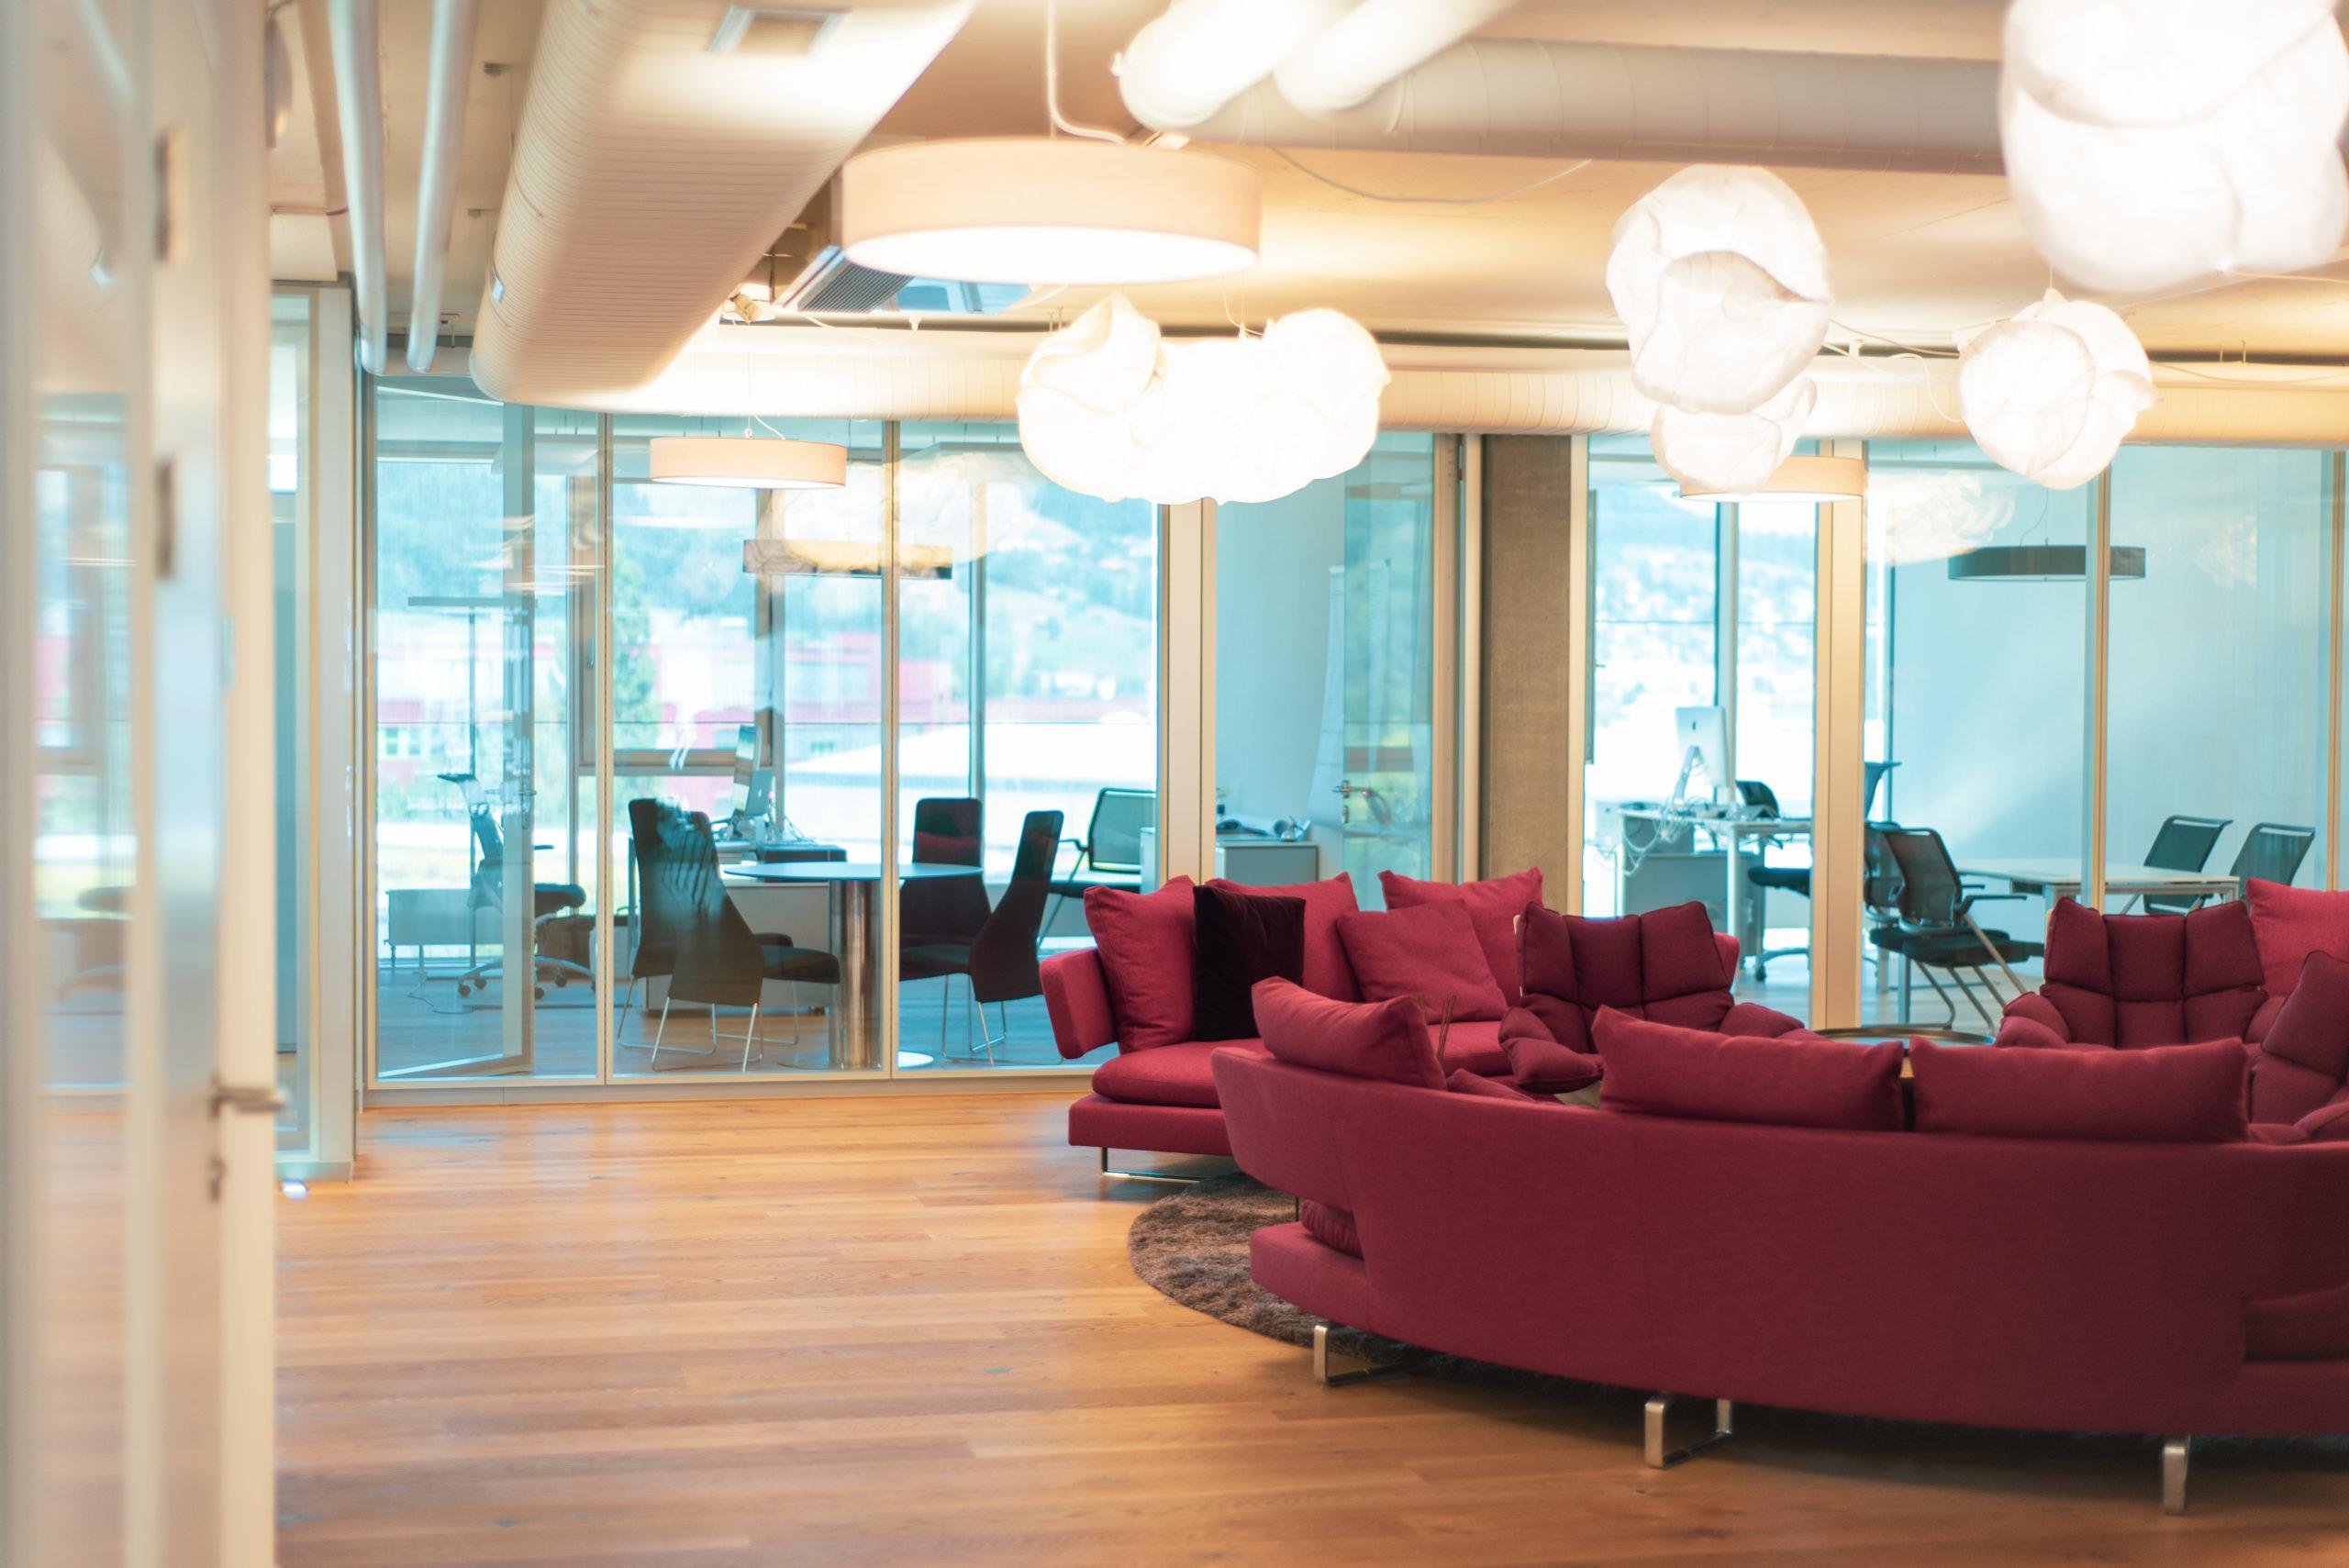 Bild eines Aufenthaltsraums, valantic Niederlassung Customer Engagement & Commerce (CEC) Schweiz in St. Gallen